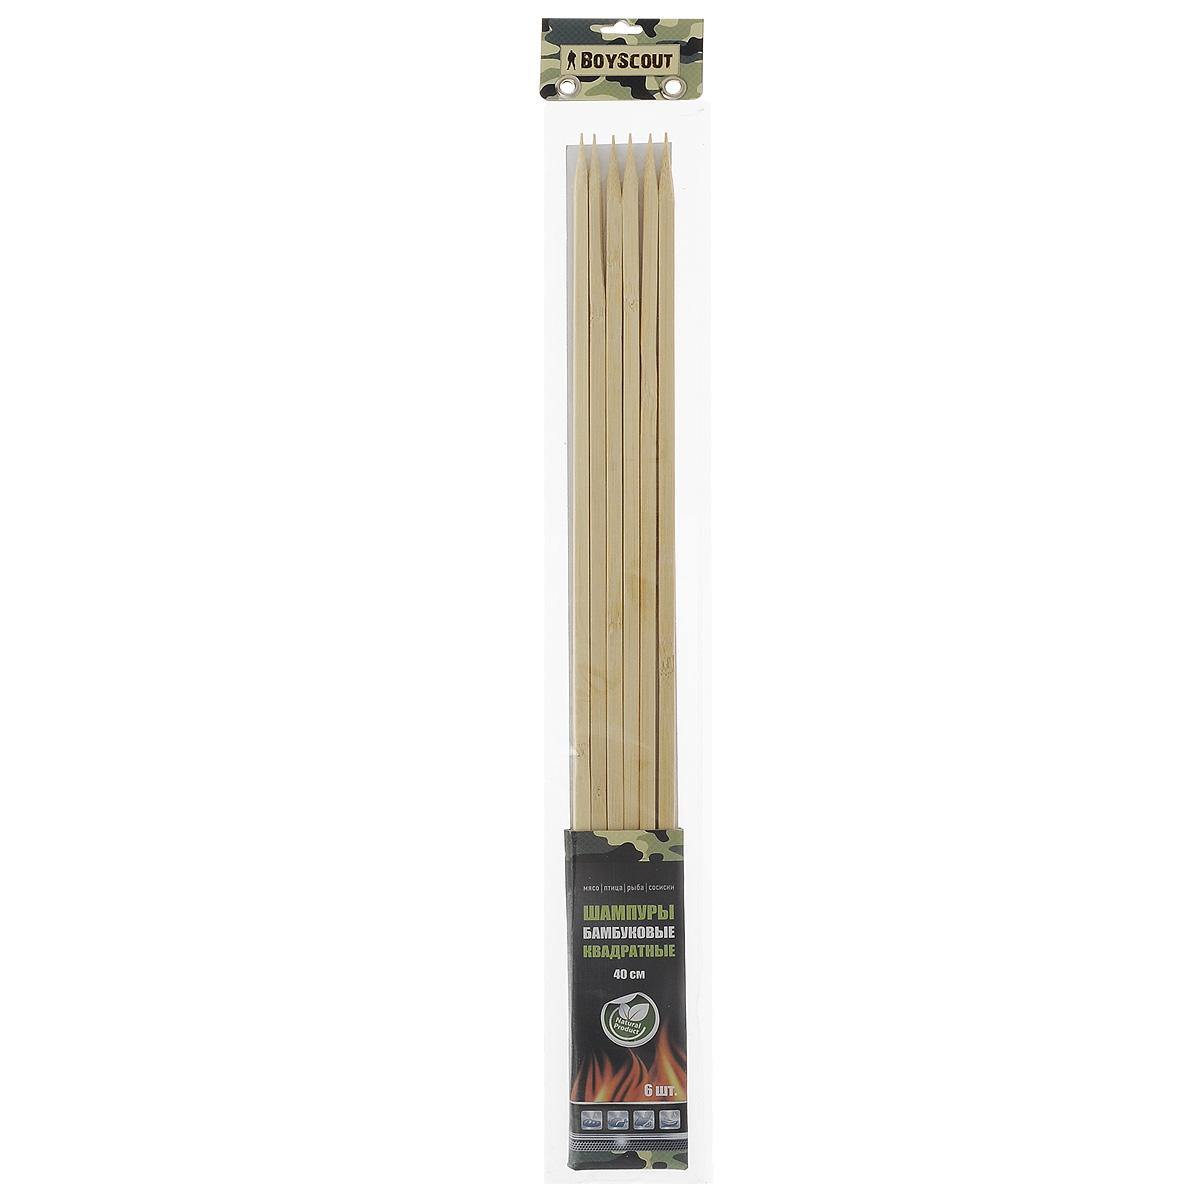 Шампуры бамбуковые Boyscout, квадратные, длина 40 см, 6 шт шампуры двойные boyscout с деревянной ручкой 33 см 4 шт